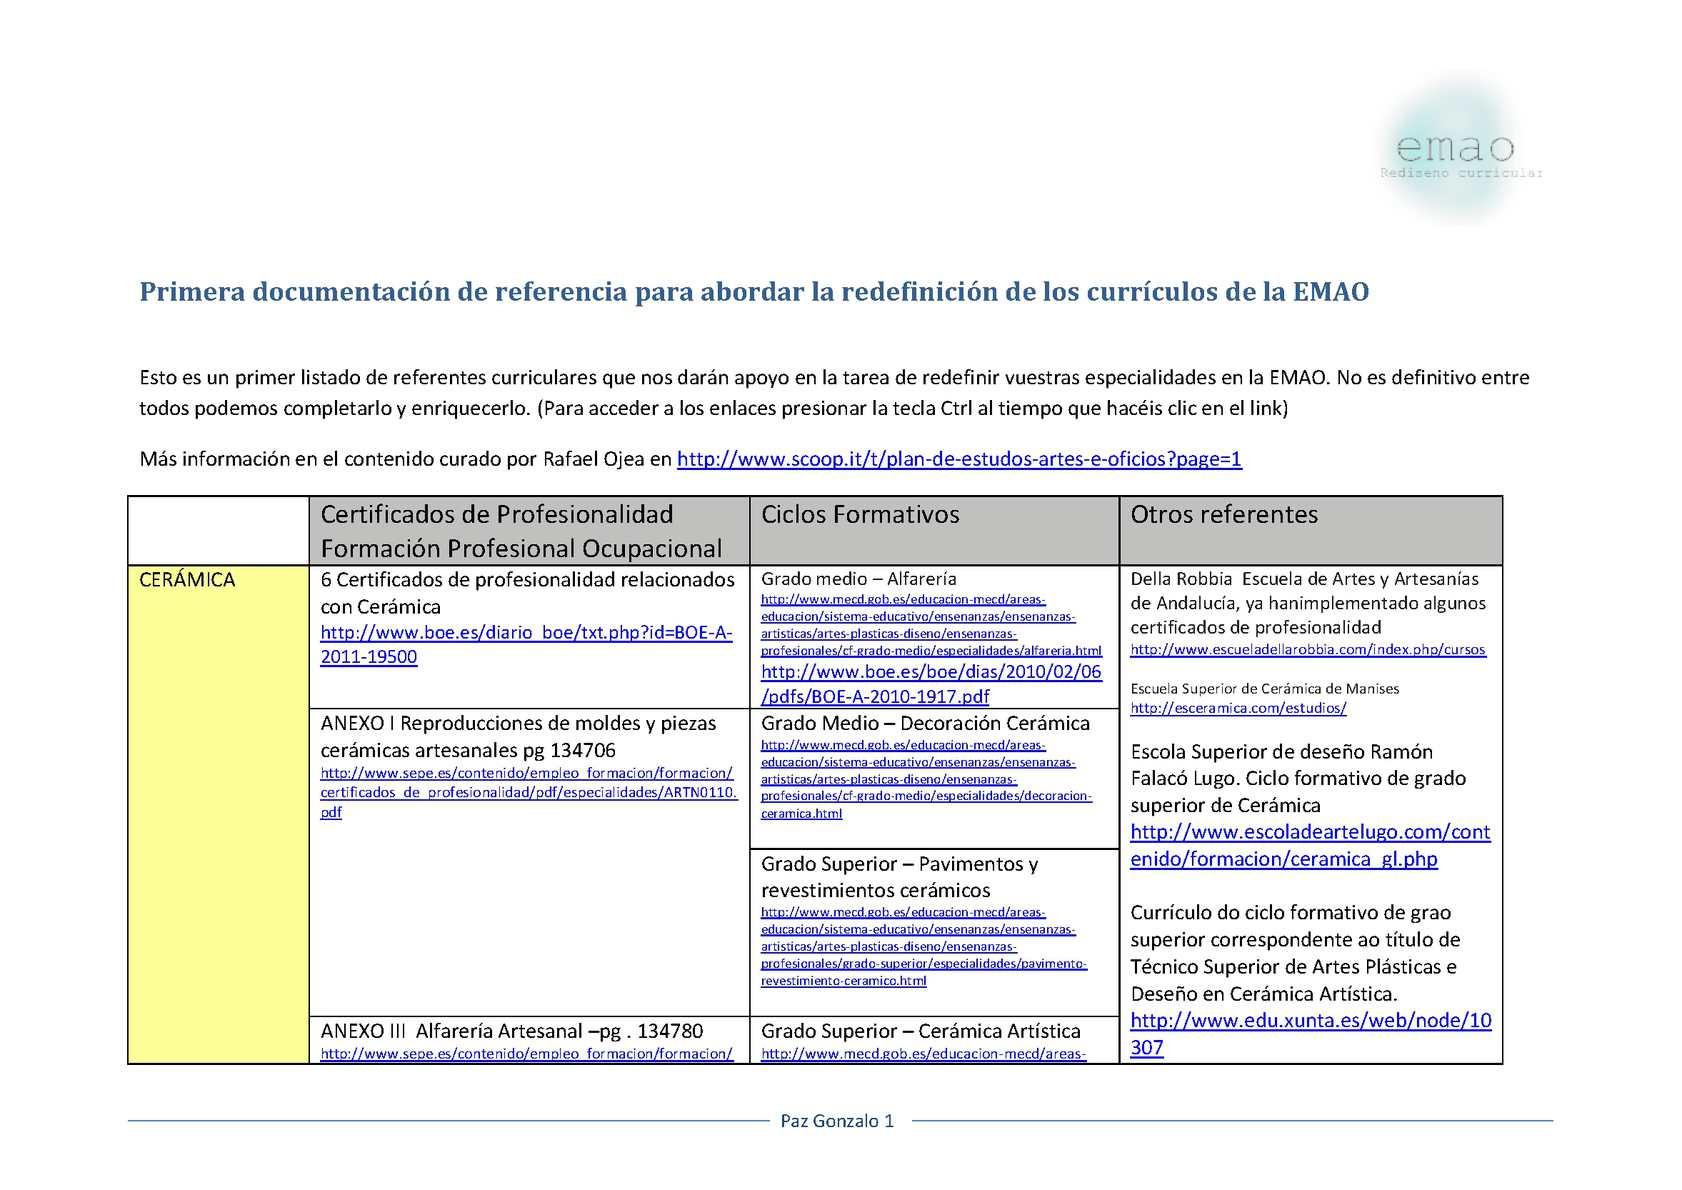 Calaméo Documentación De Referenci Para La Redefinición De